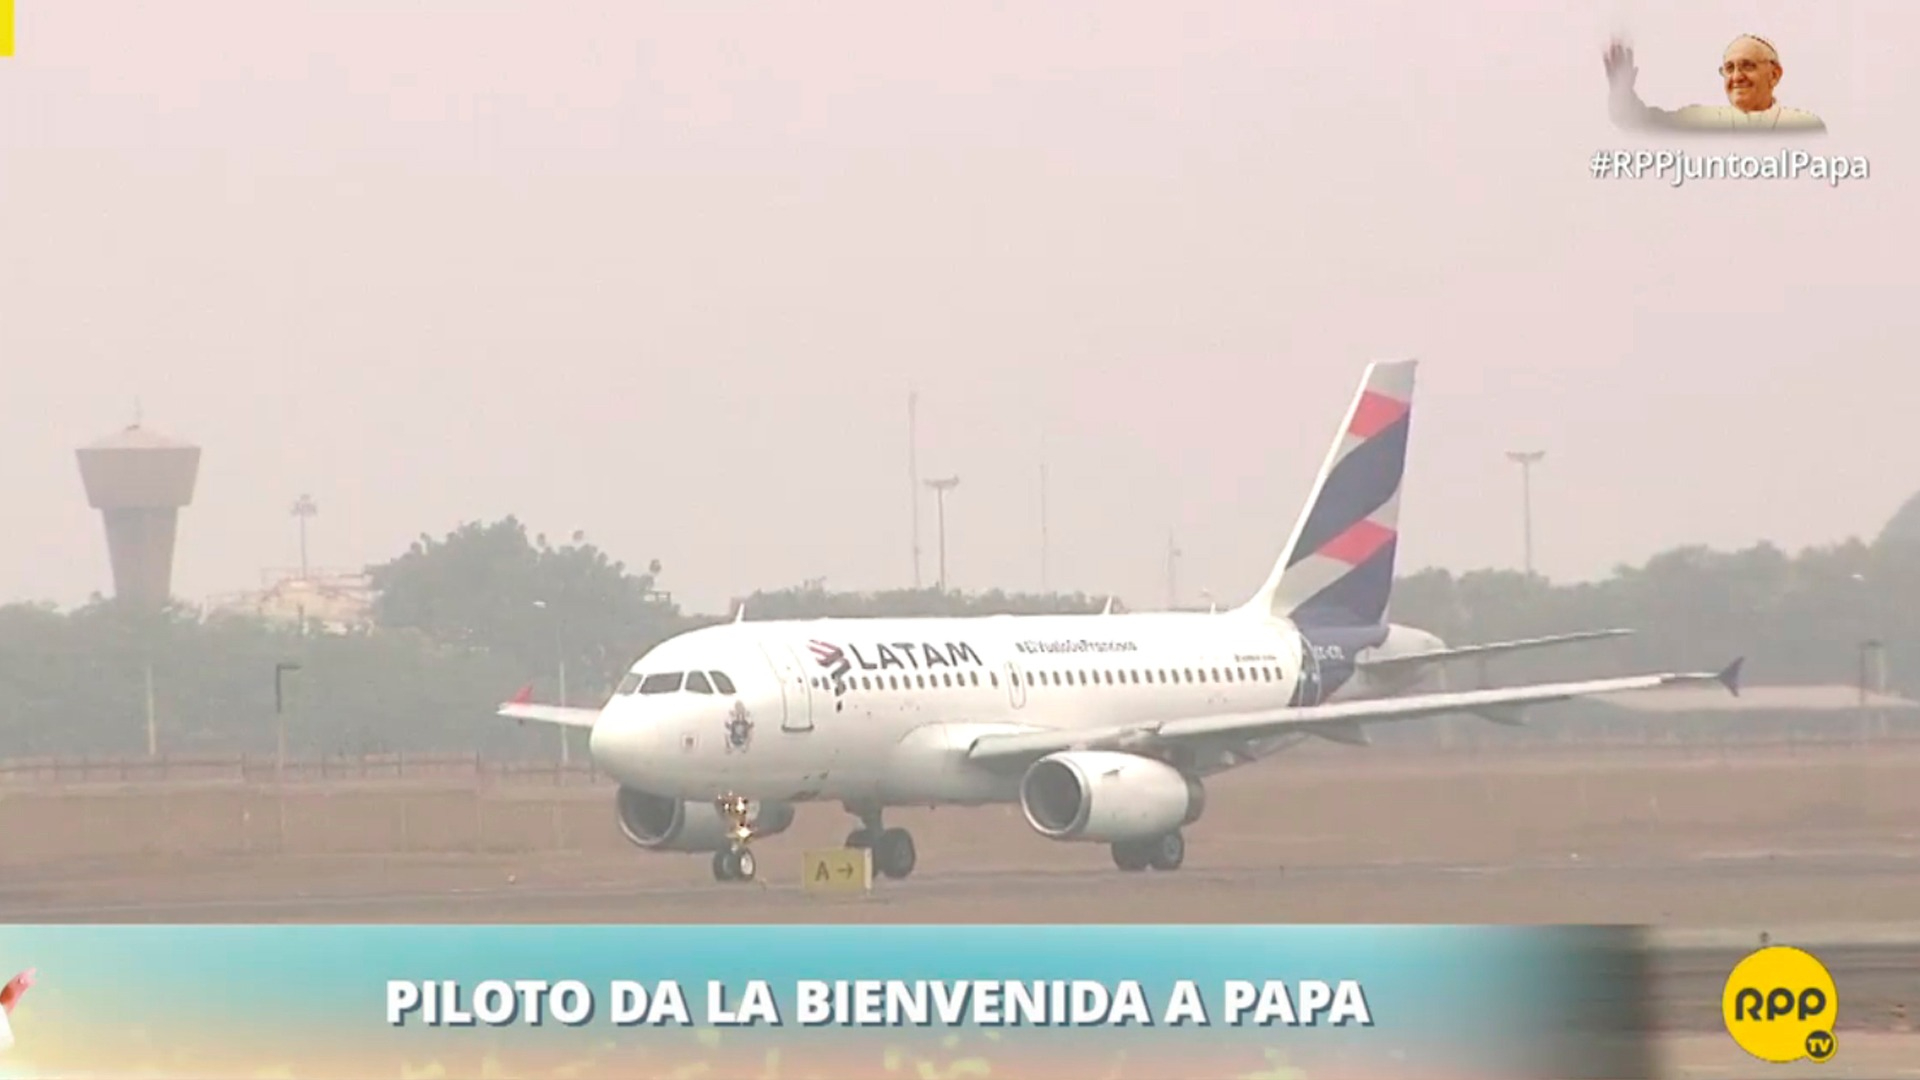 El piloto da la bienvenida al papa Francisco